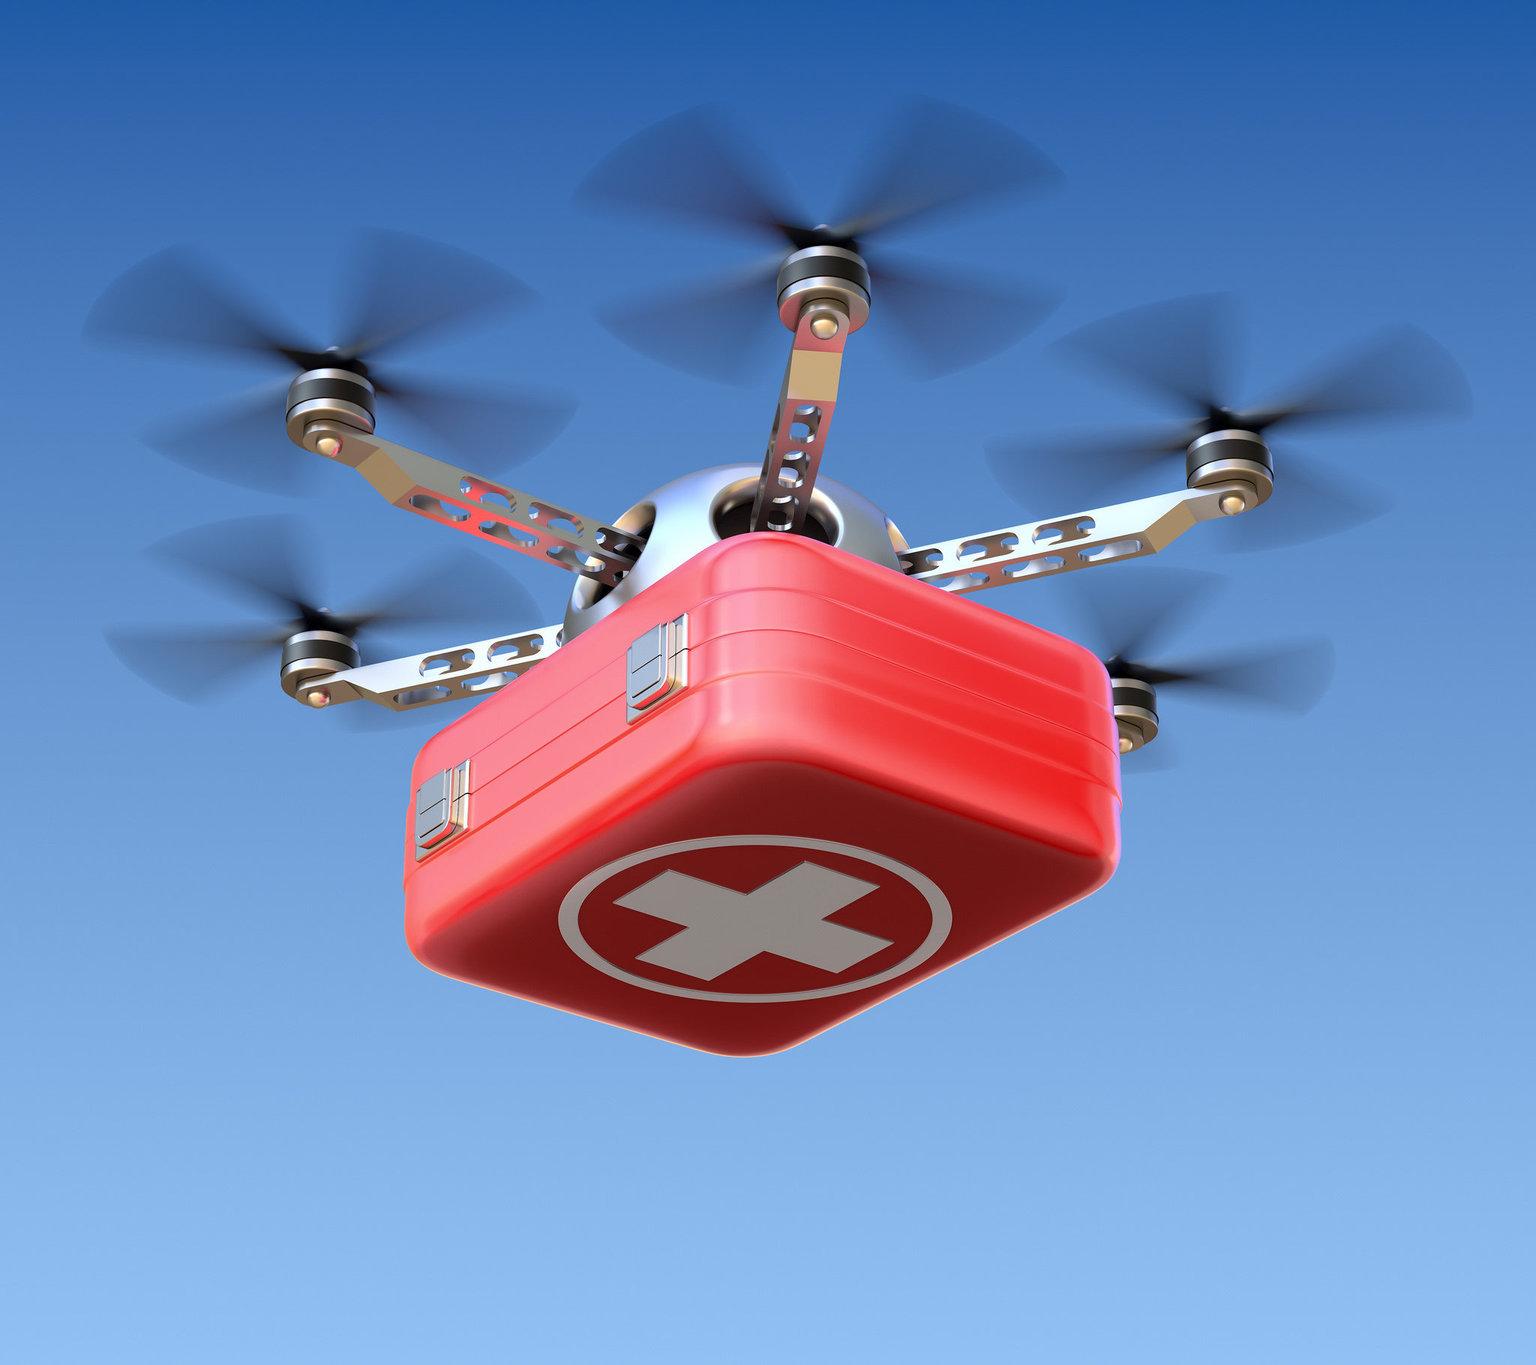 Medicine consegnate dai droni, il progetto dei ragazzi di Chiavari vince l'hackathon del MIUR